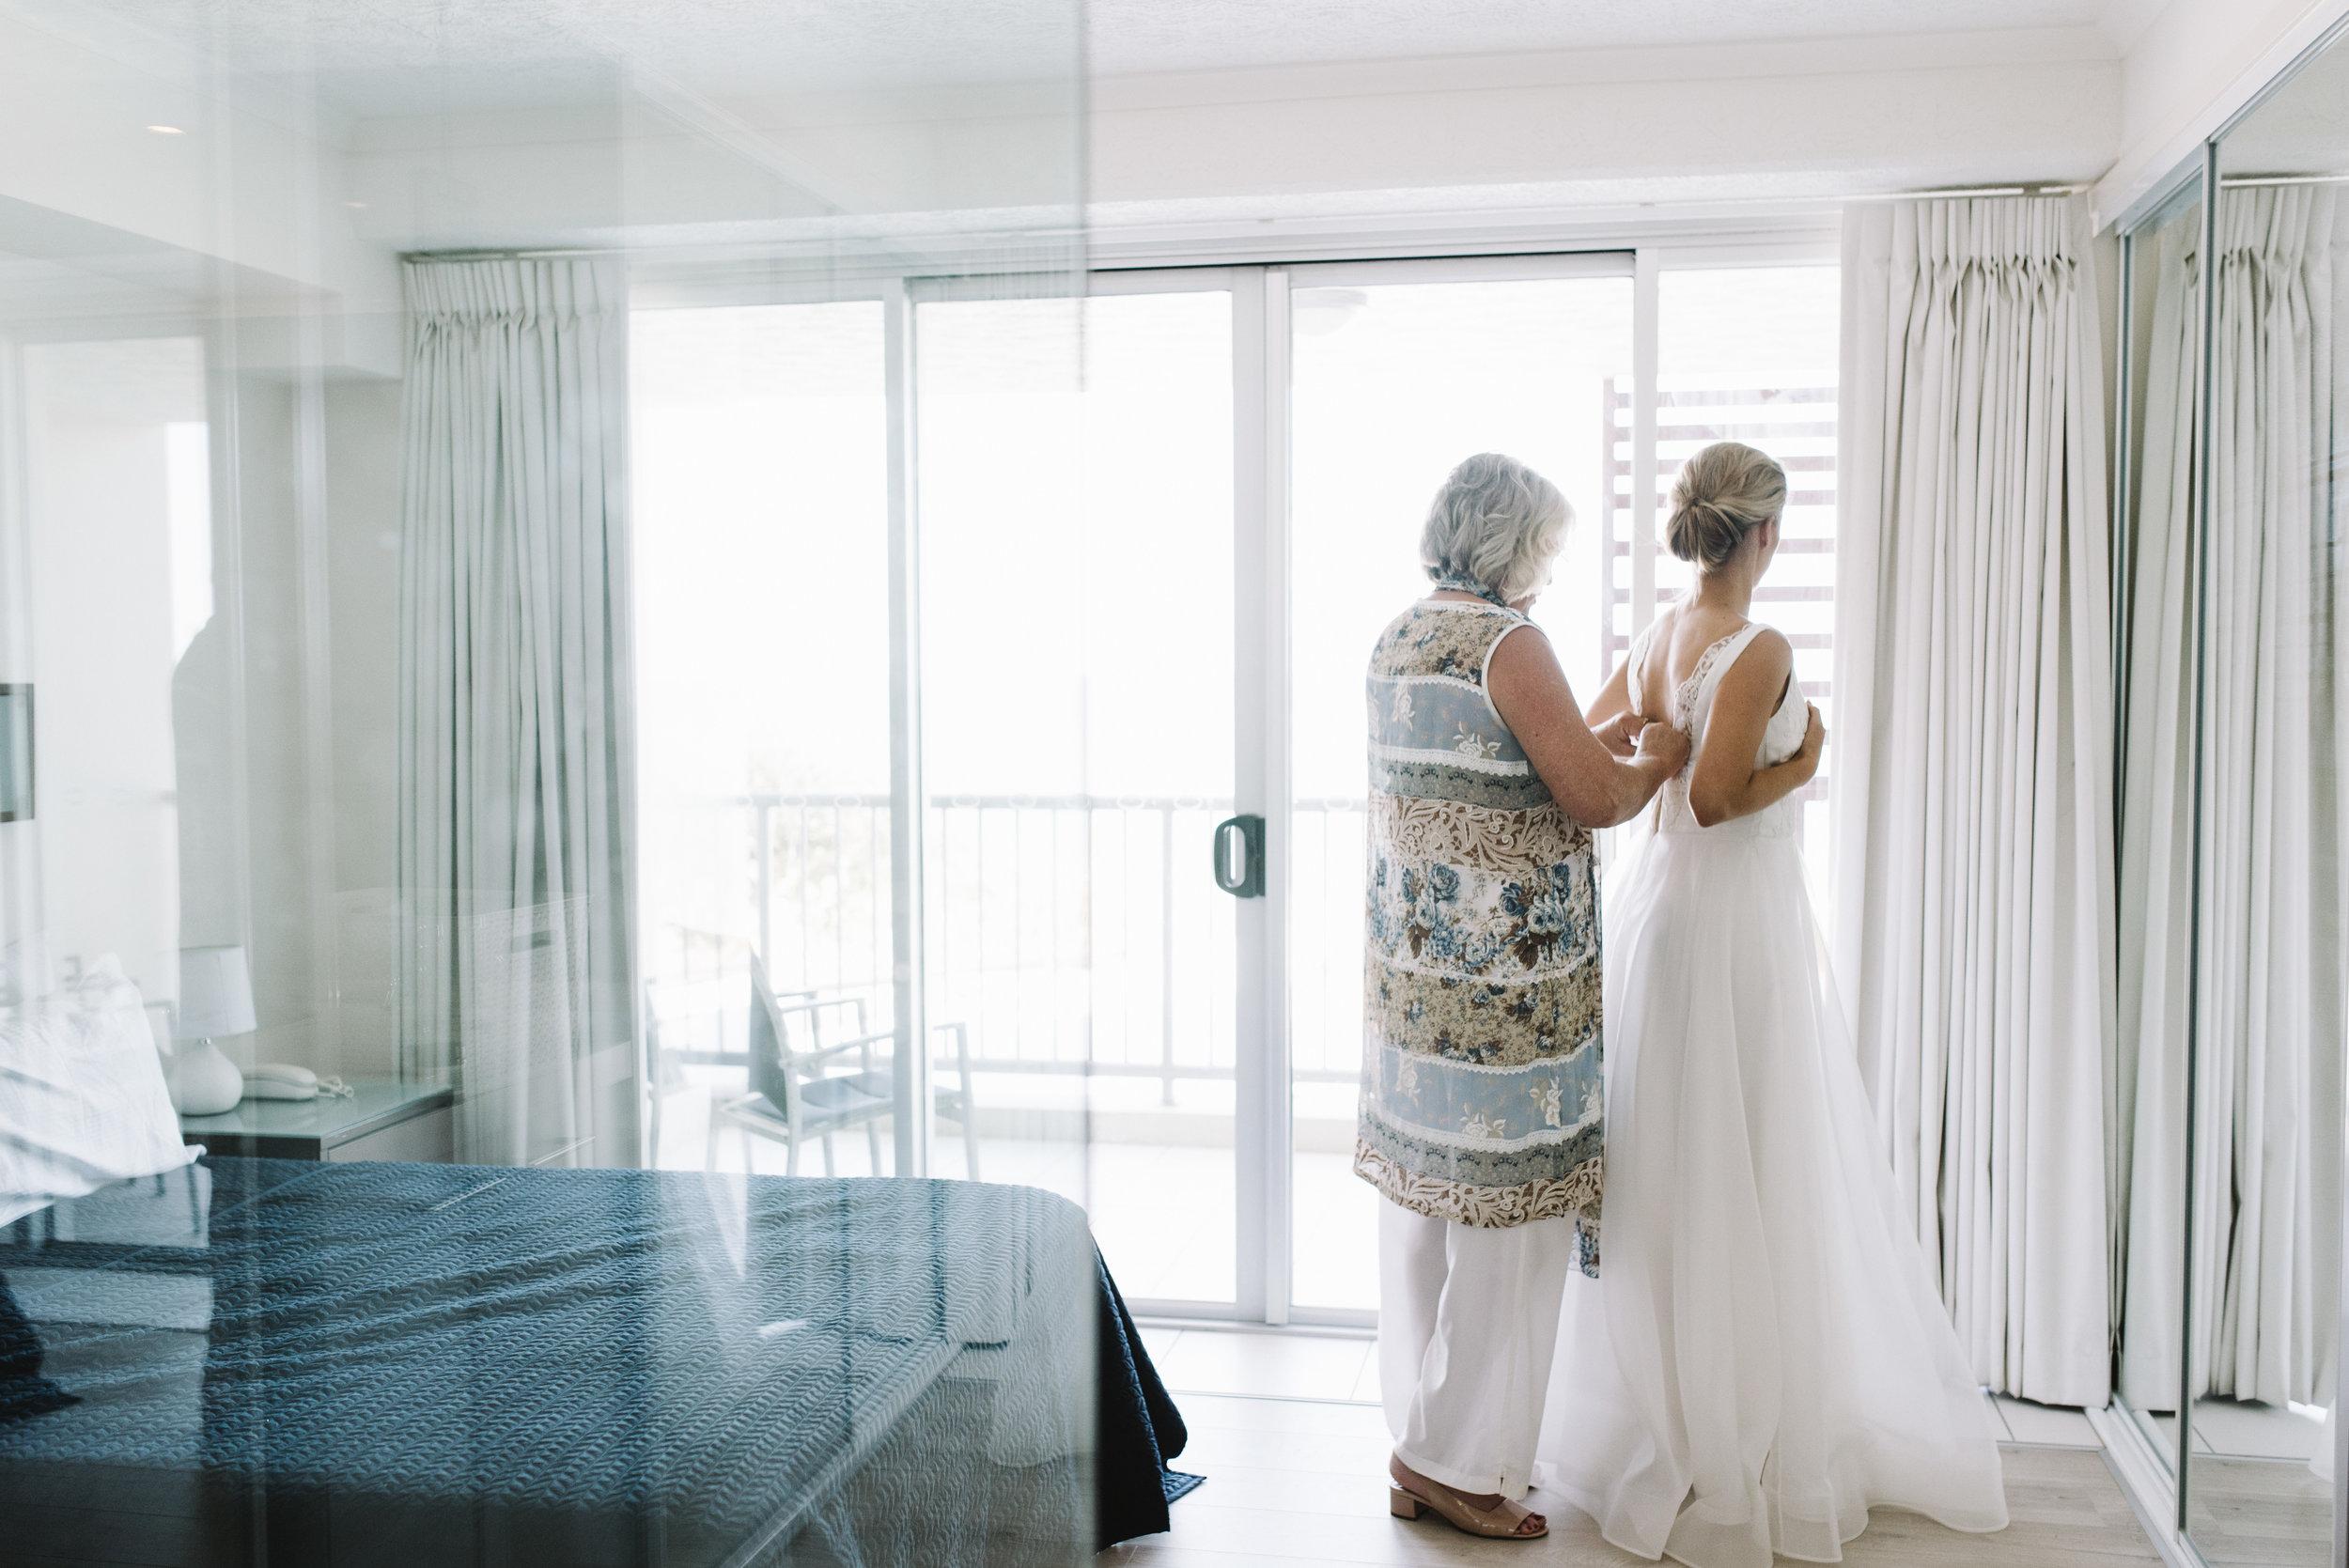 wedding-photography-brisbane-sandstone-point-hotel-bribie-island-luxewedding-16.jpg